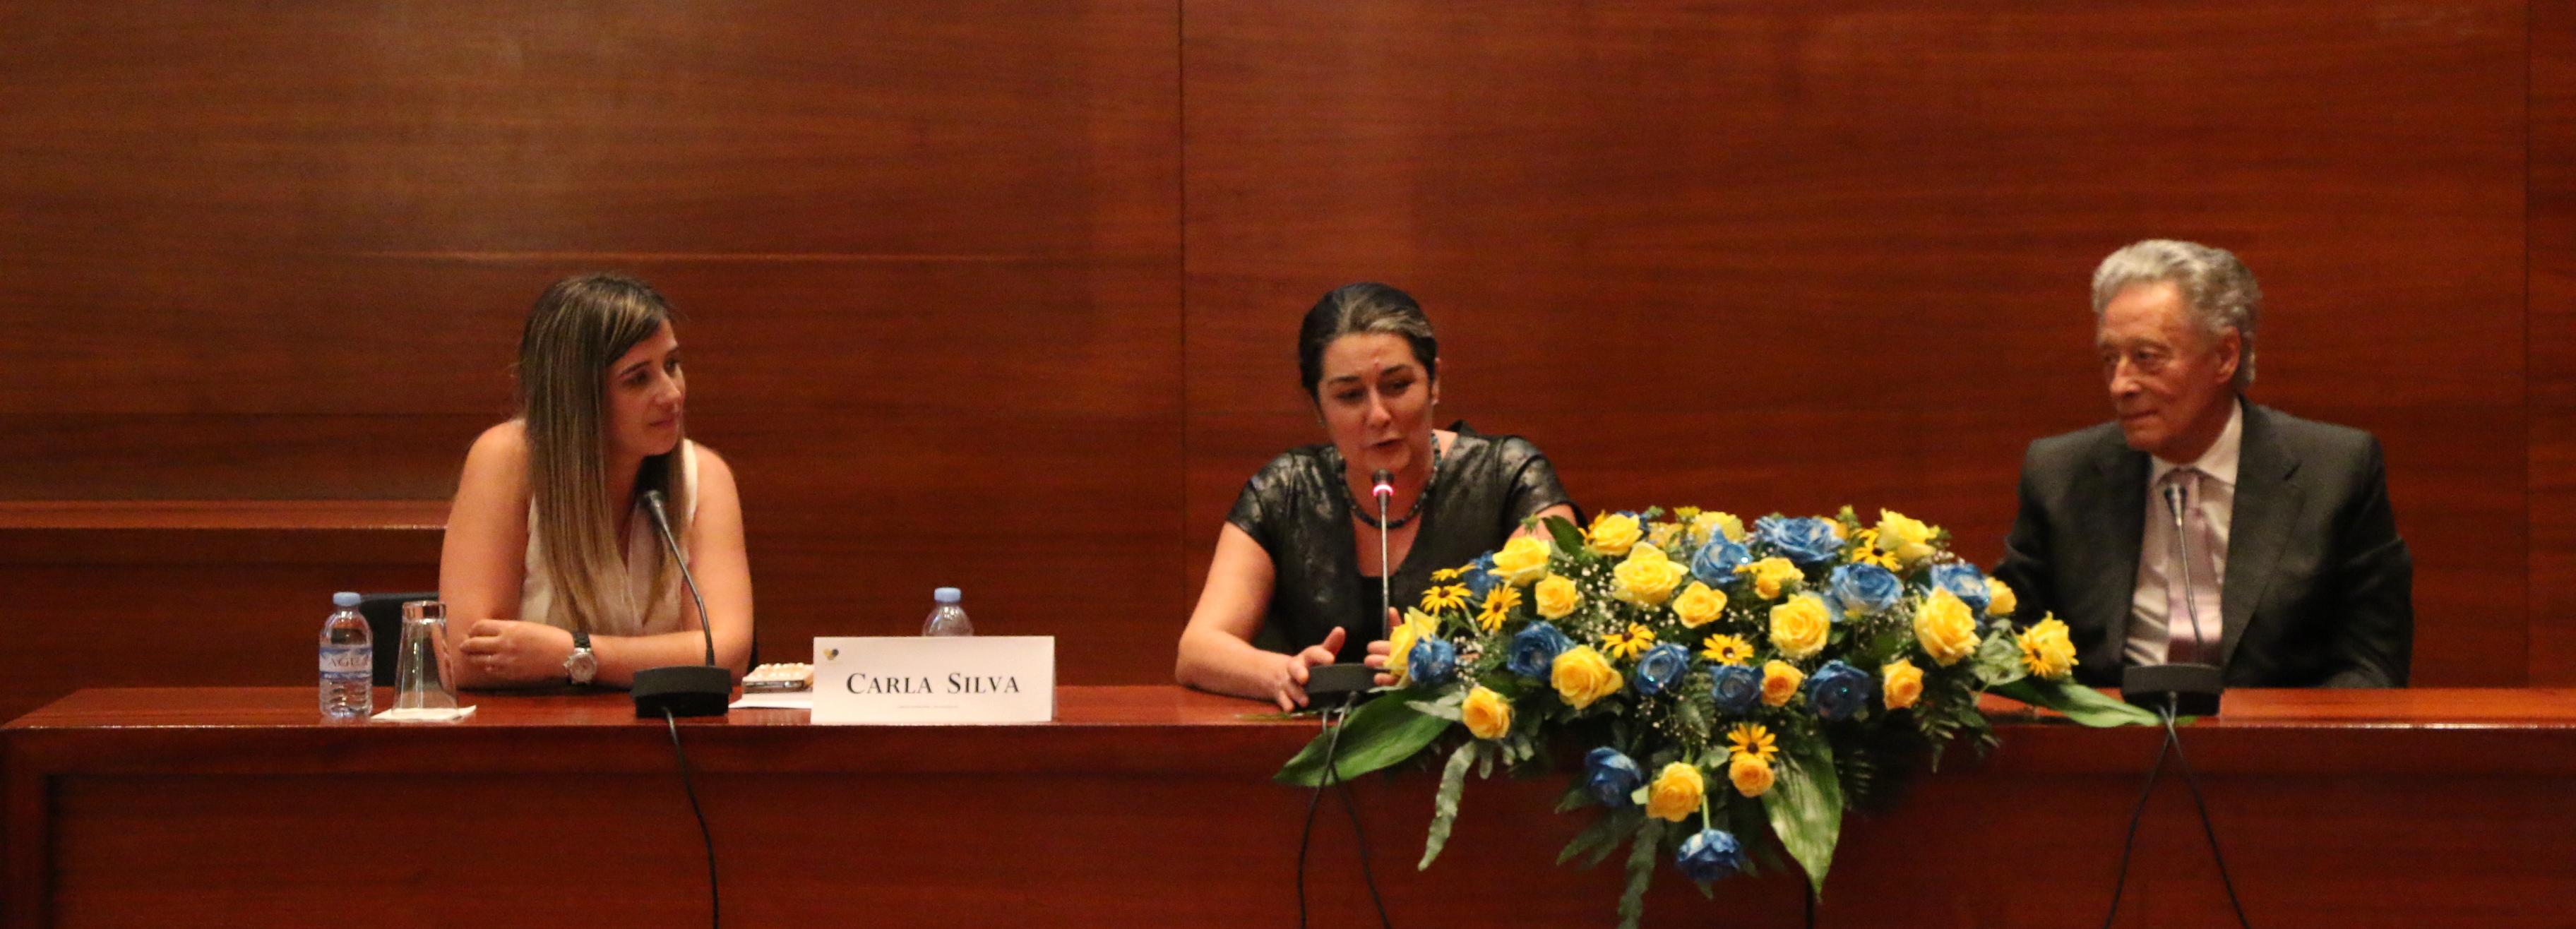 Plano Estratégico Local de Promoção e Proteção dos Direitos da Criança apresentado em Seminário Internacional 2